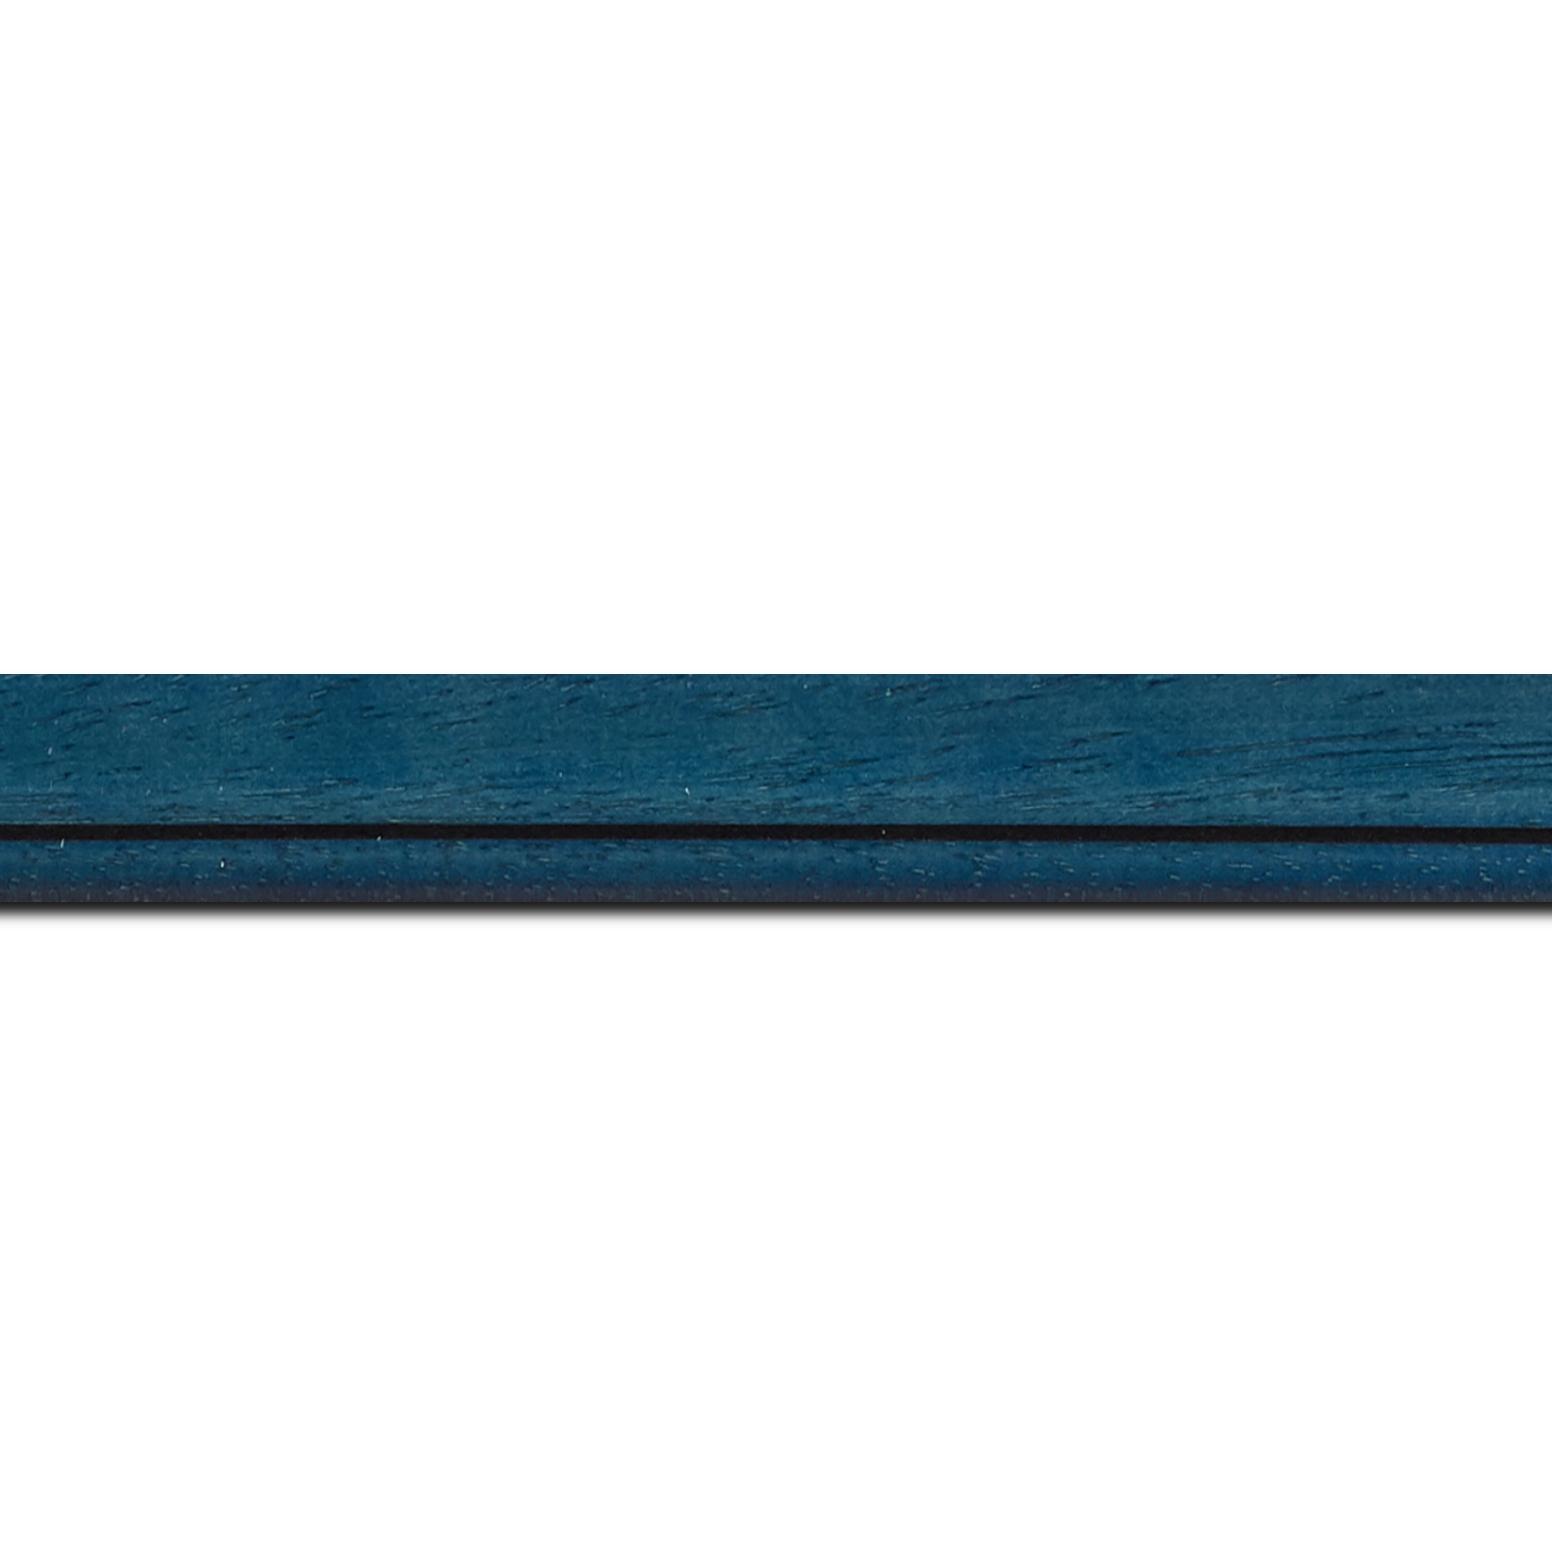 Pack par 12m, bois profil bombé largeur 2.4cm couleur bleu cobalt satiné filet noir(longueur baguette pouvant varier entre 2.40m et 3m selon arrivage des bois)